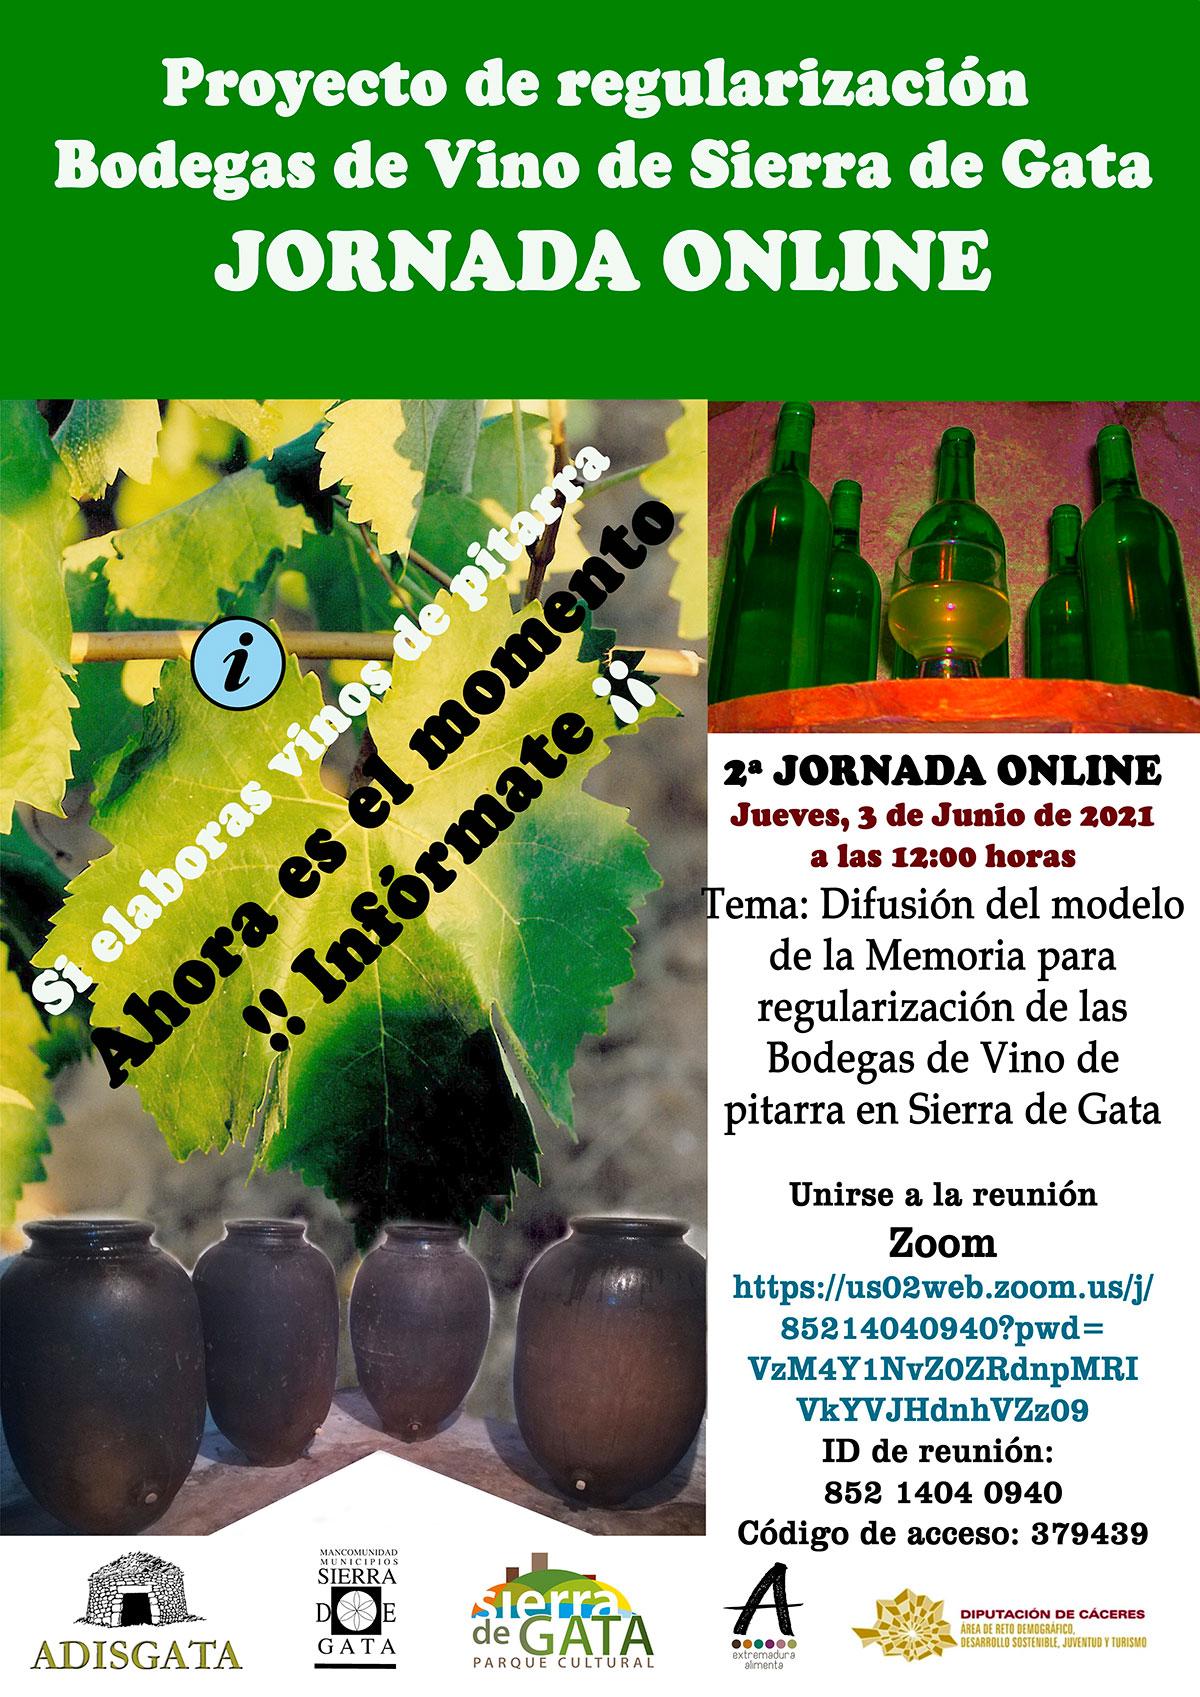 Jornada Online Bodegas Vino legalizacion